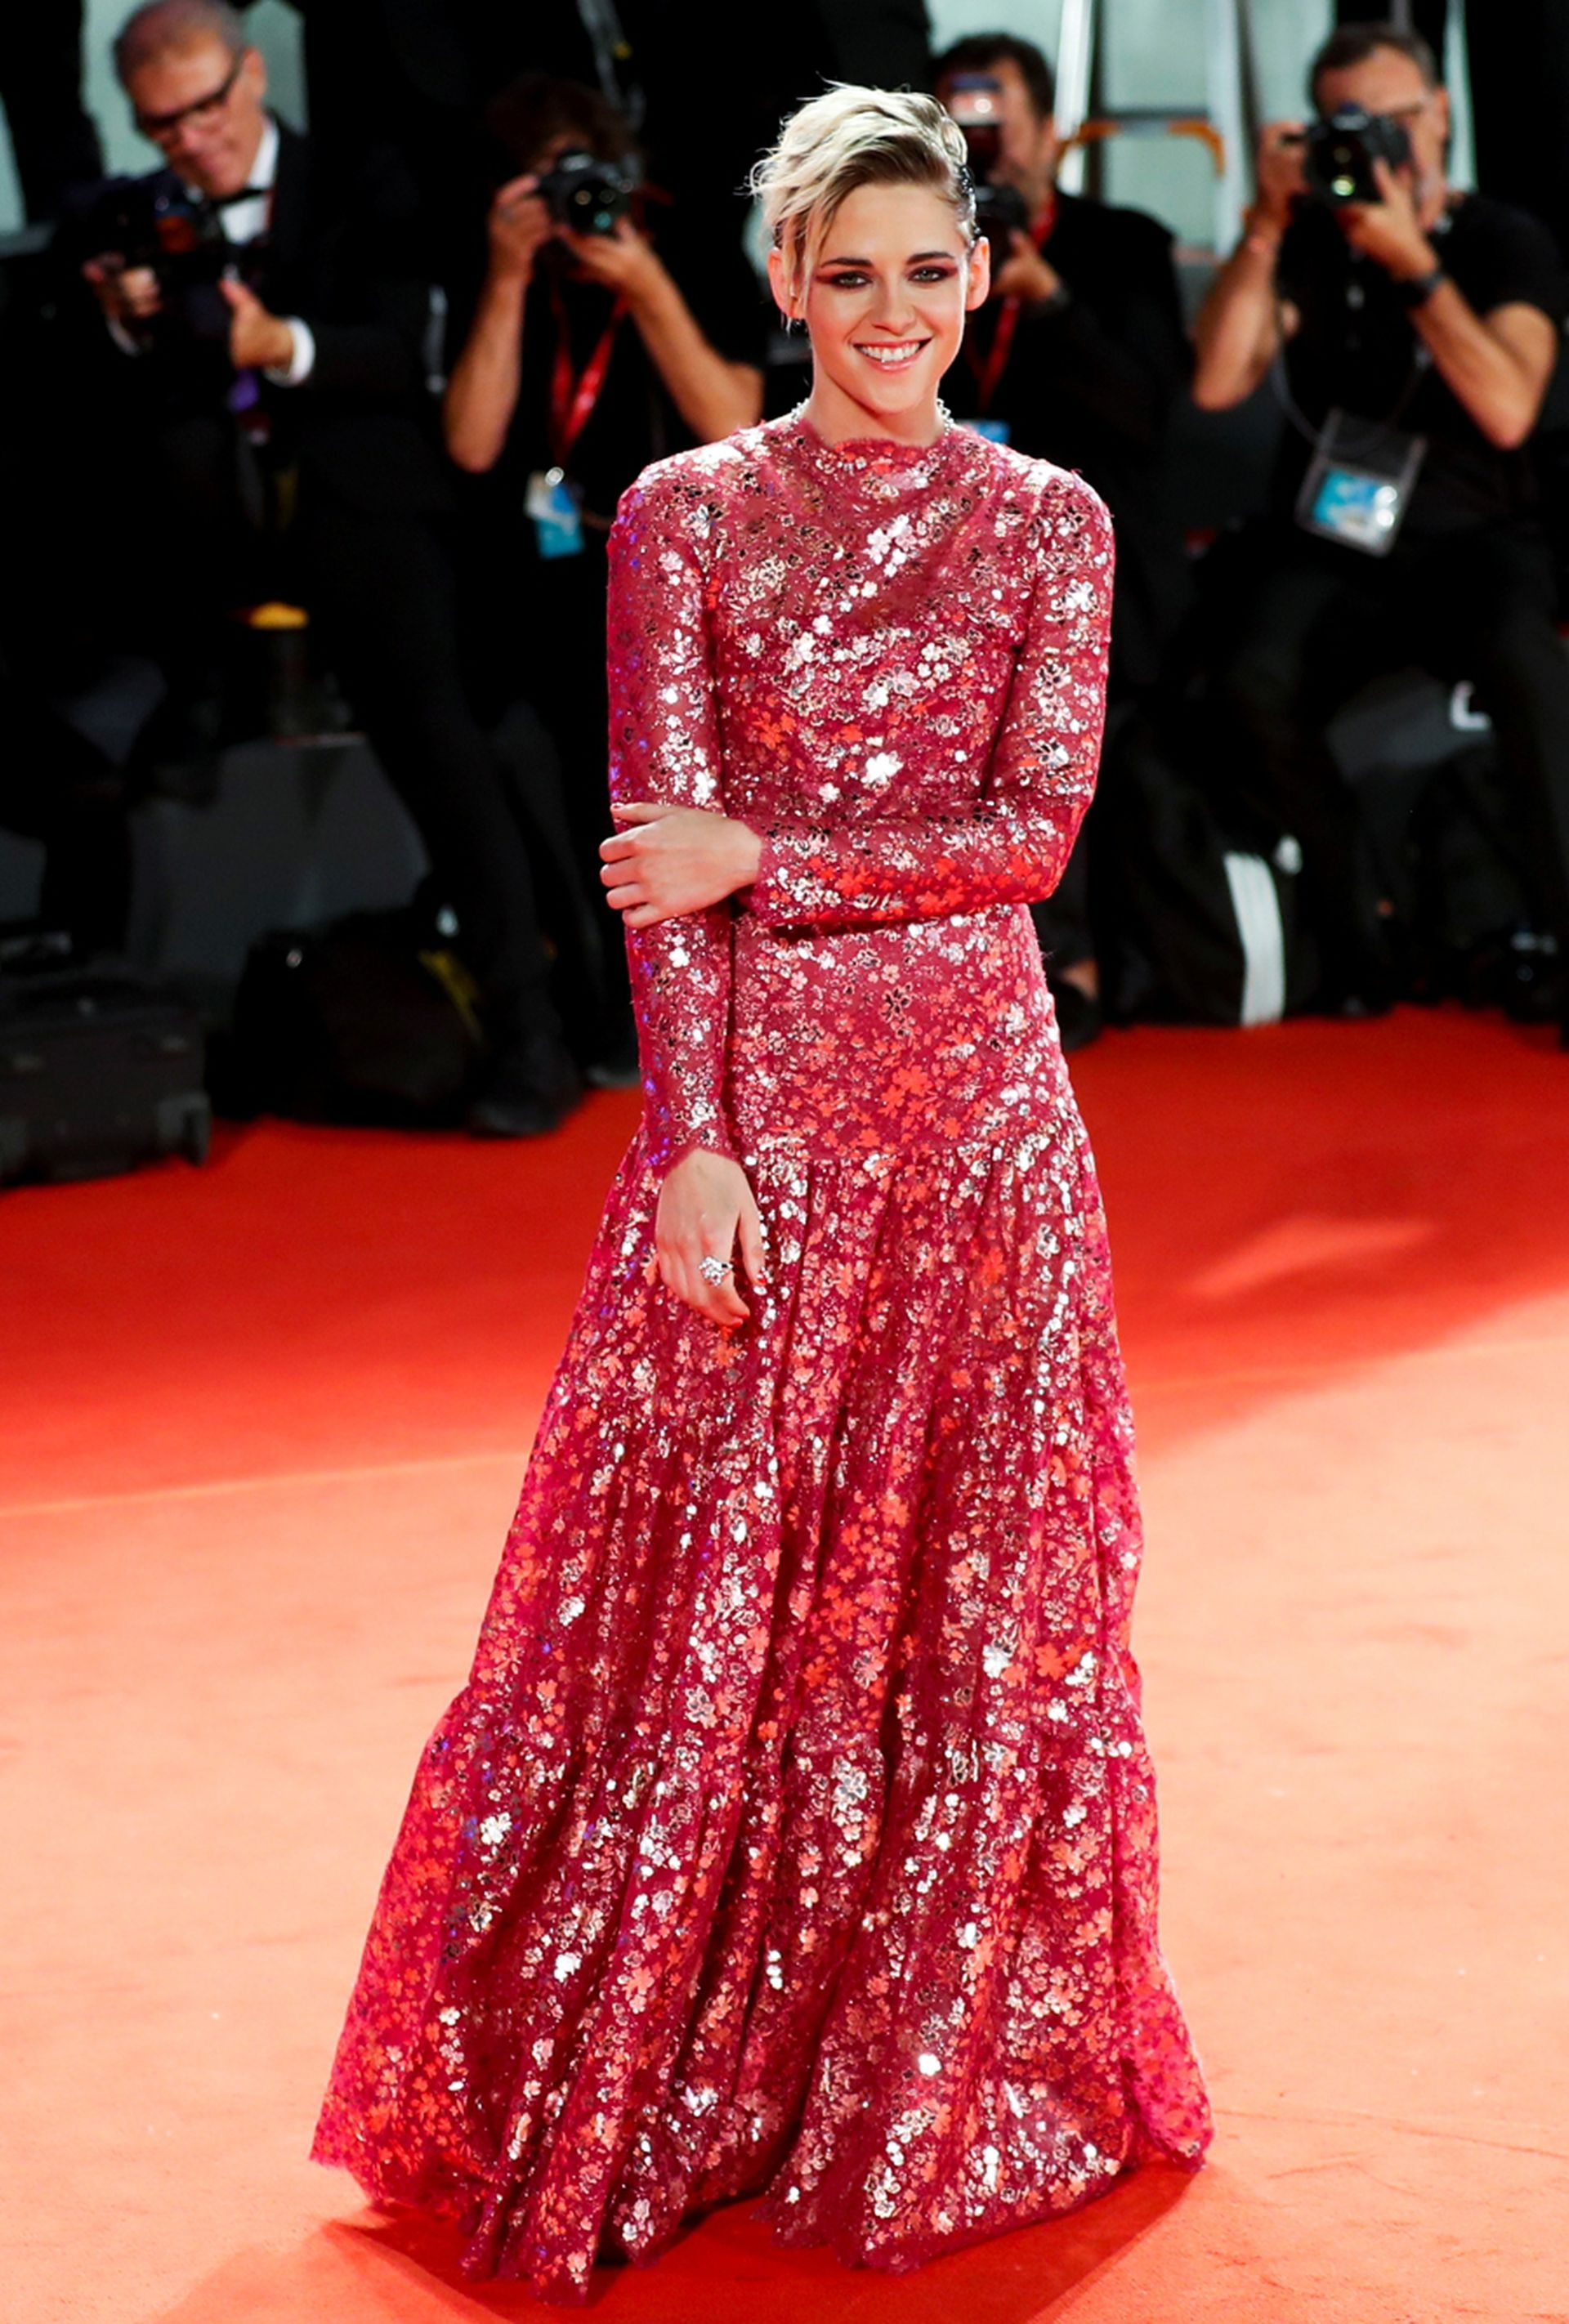 Kristen Stewart, una de las embajadoras de la casa Chanel, lució un vestido de mangas largas, cuello alto y falda ancha en tono rosa para la premier de Seberg, dirigida por Benedict Andrews